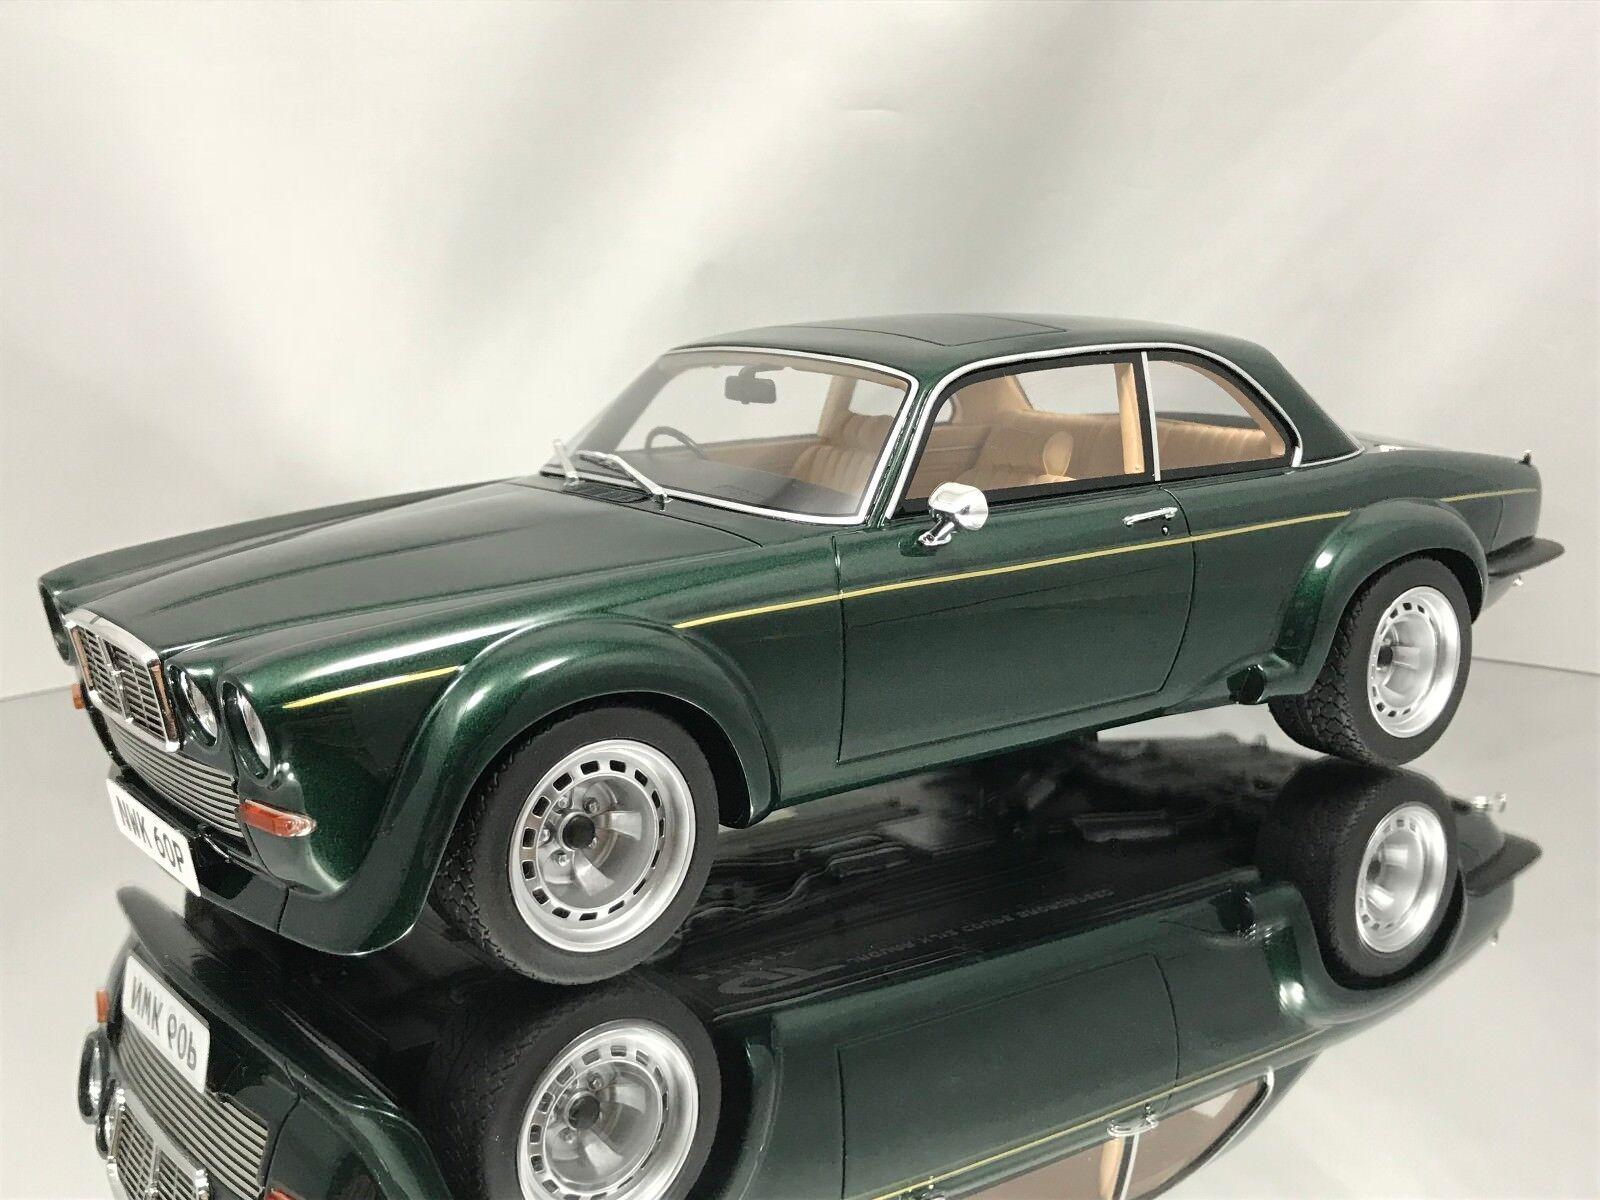 GT  SPIRIT JAGUAR XJ12 Coupé Broadspeed Big Cat The nouveau Avengers vert 1 18  meilleure qualité